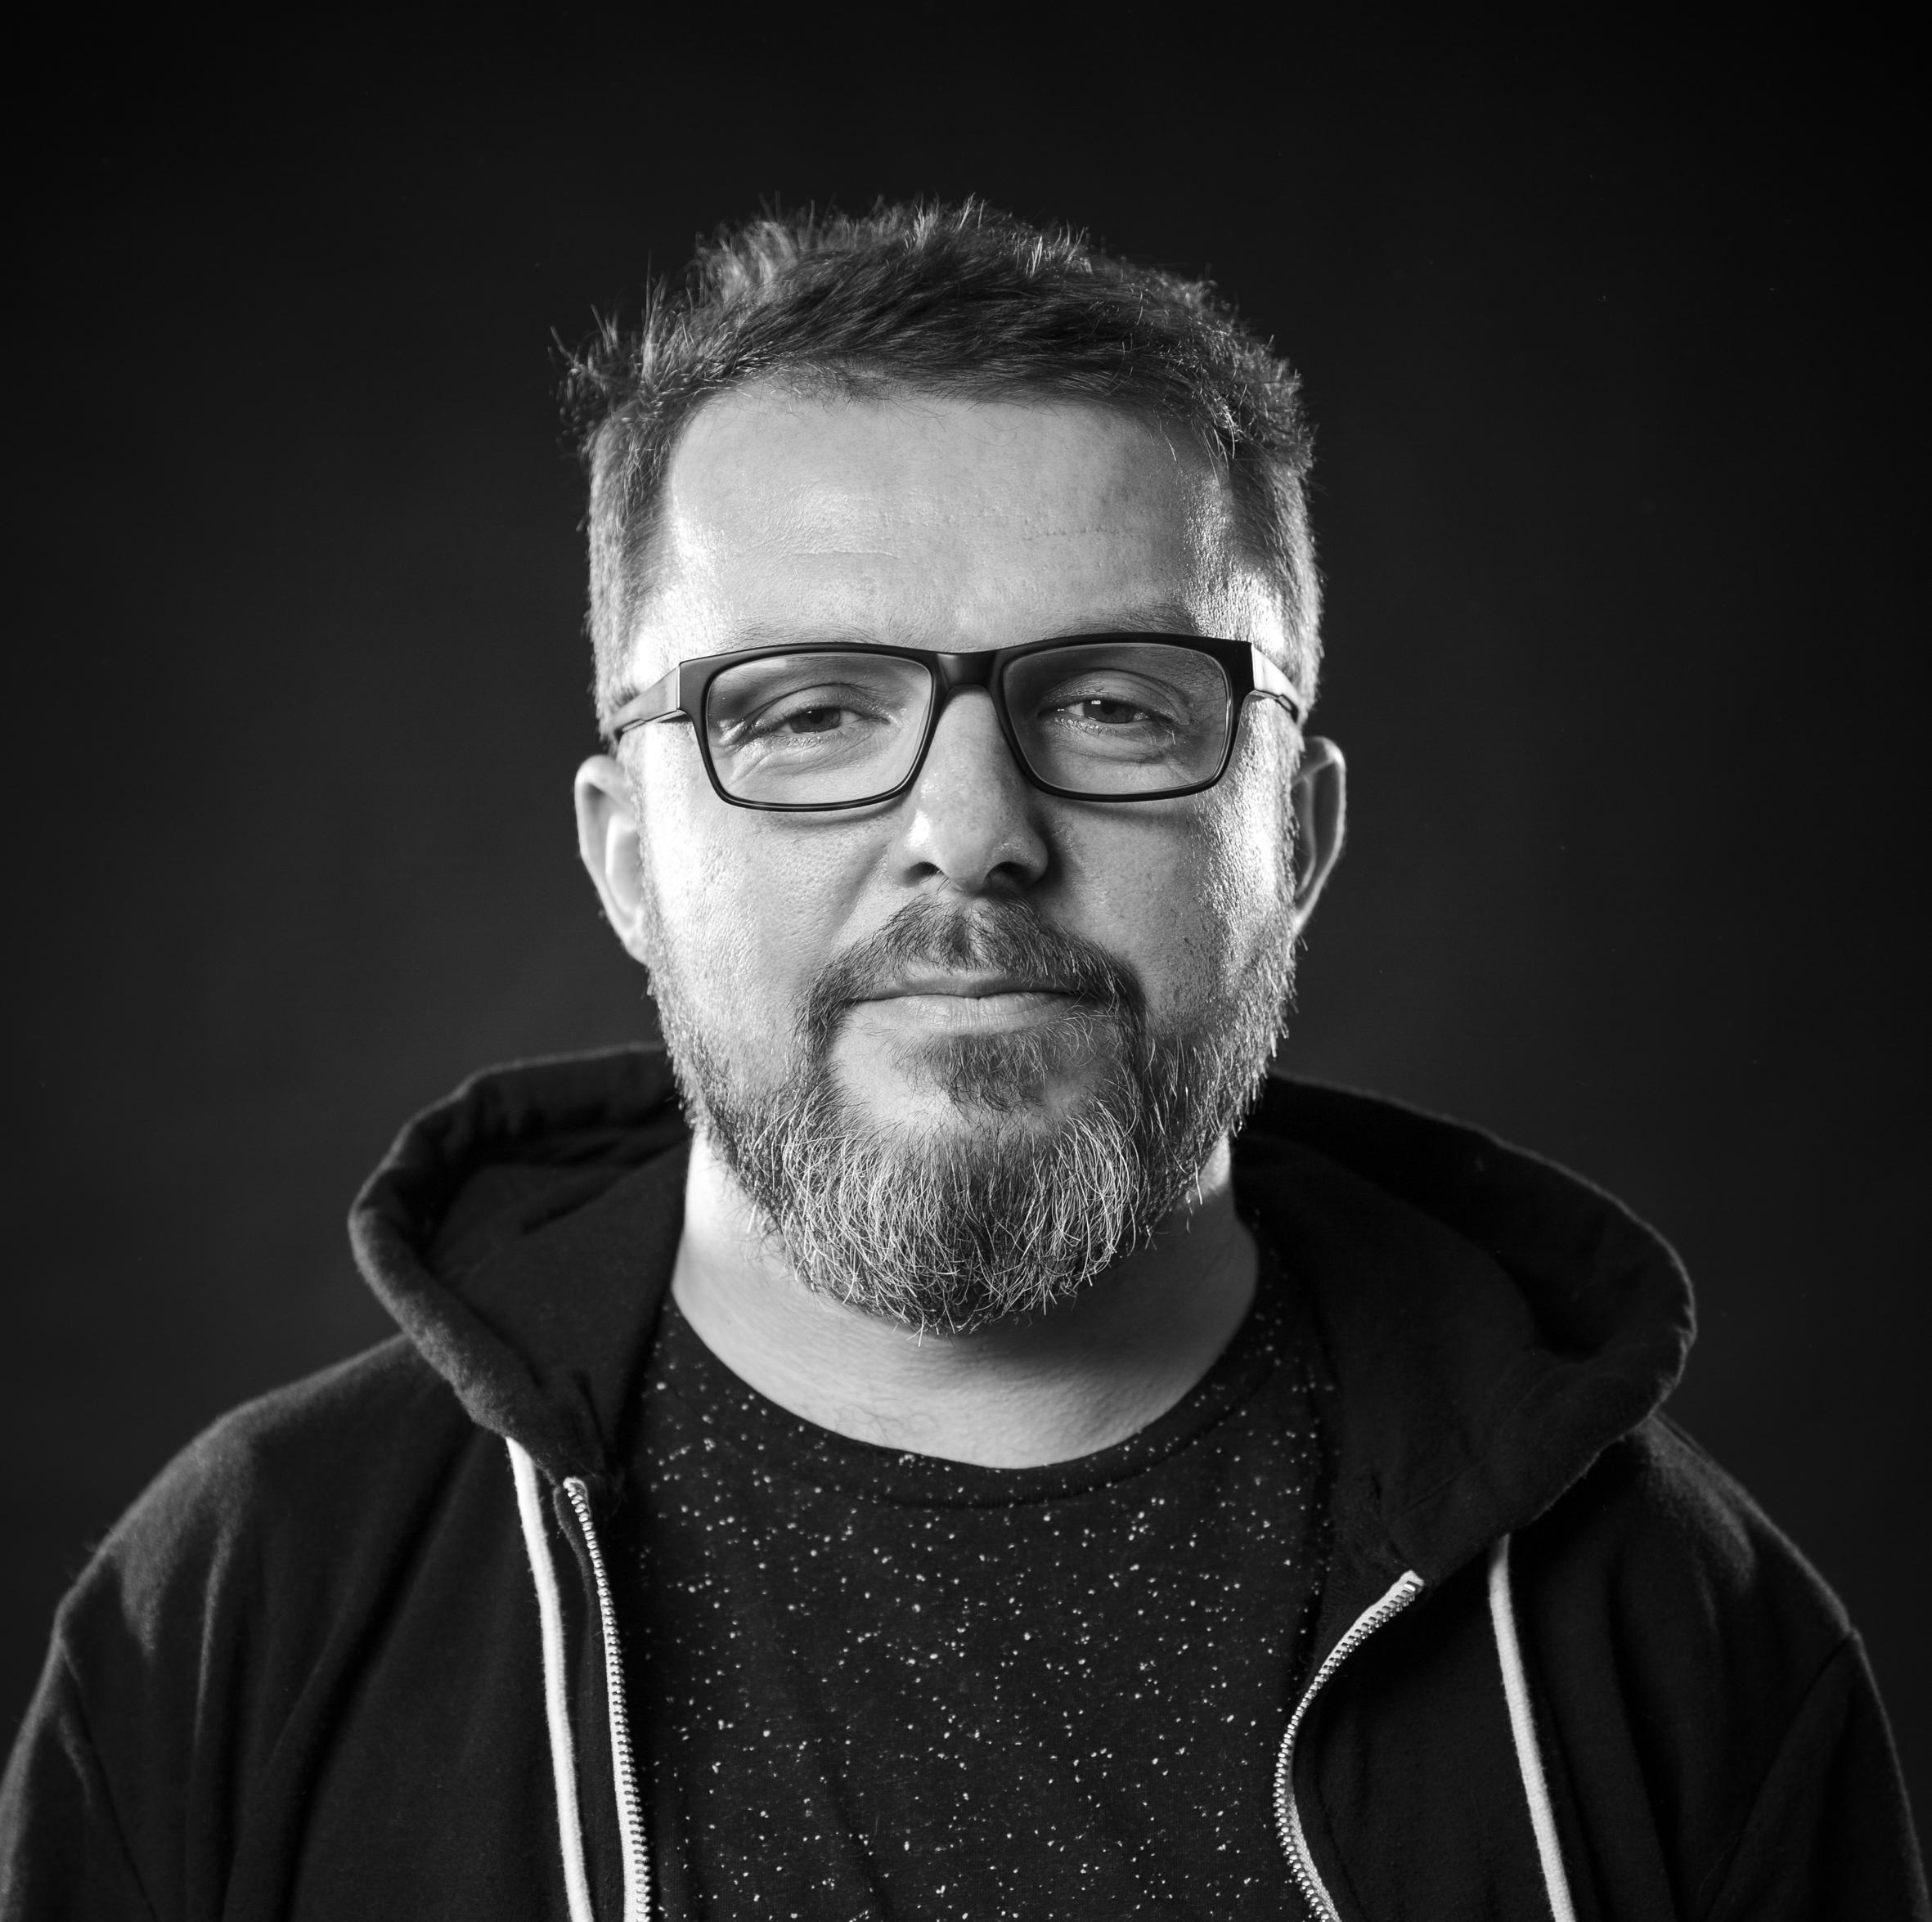 Marcin Kostaciński